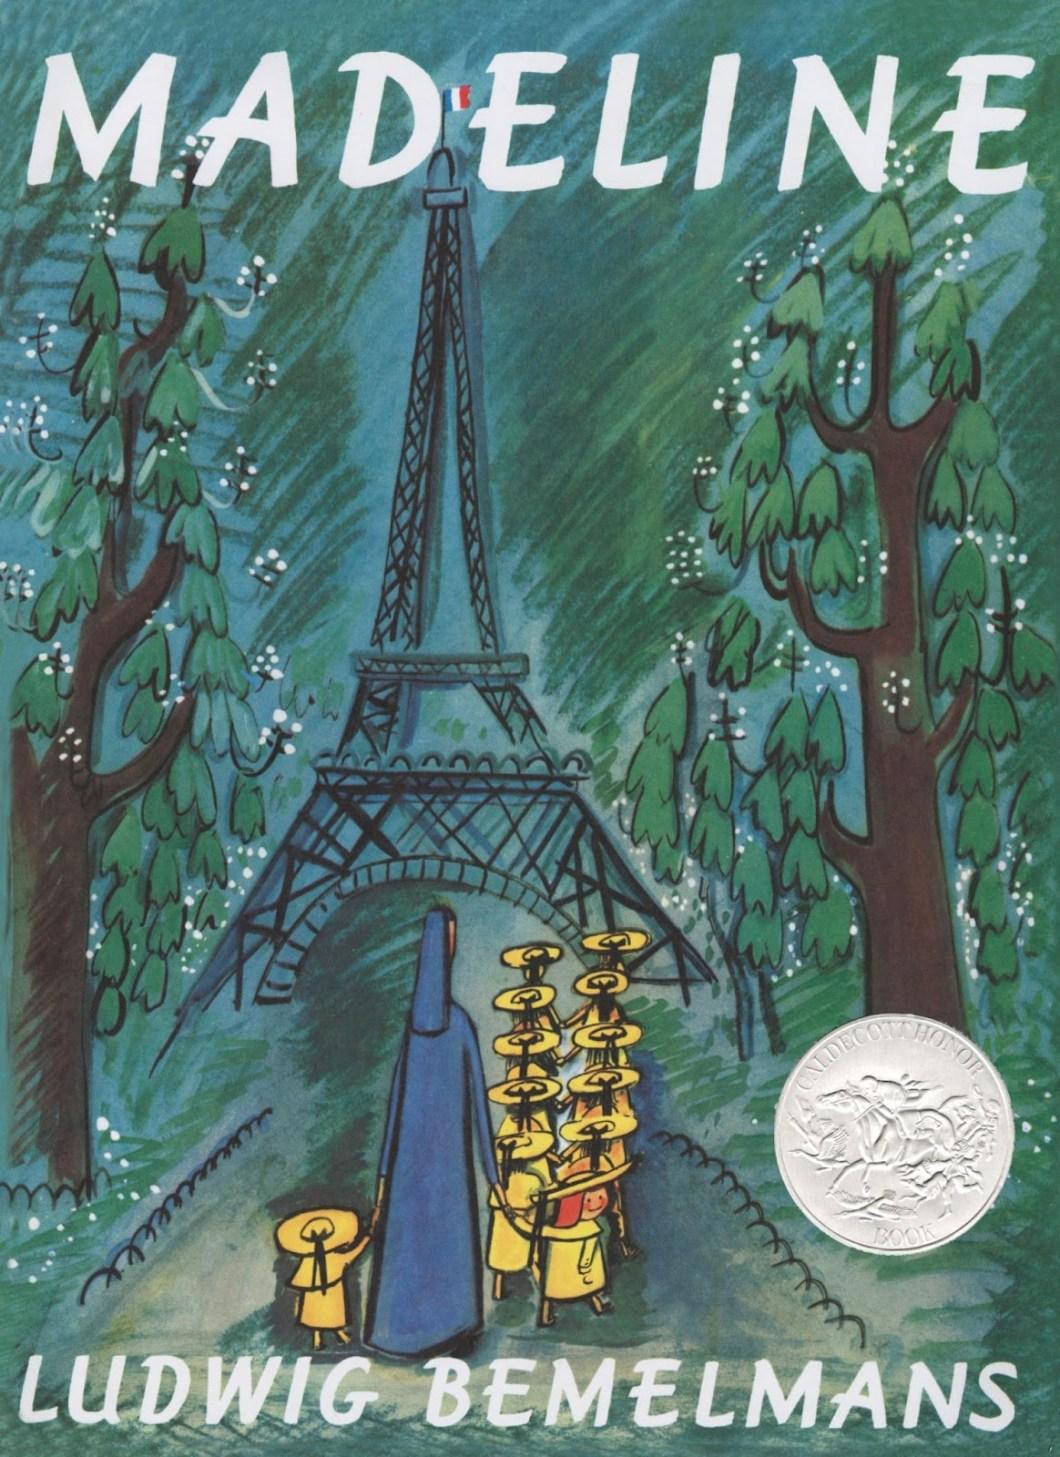 Madeline children's reading book